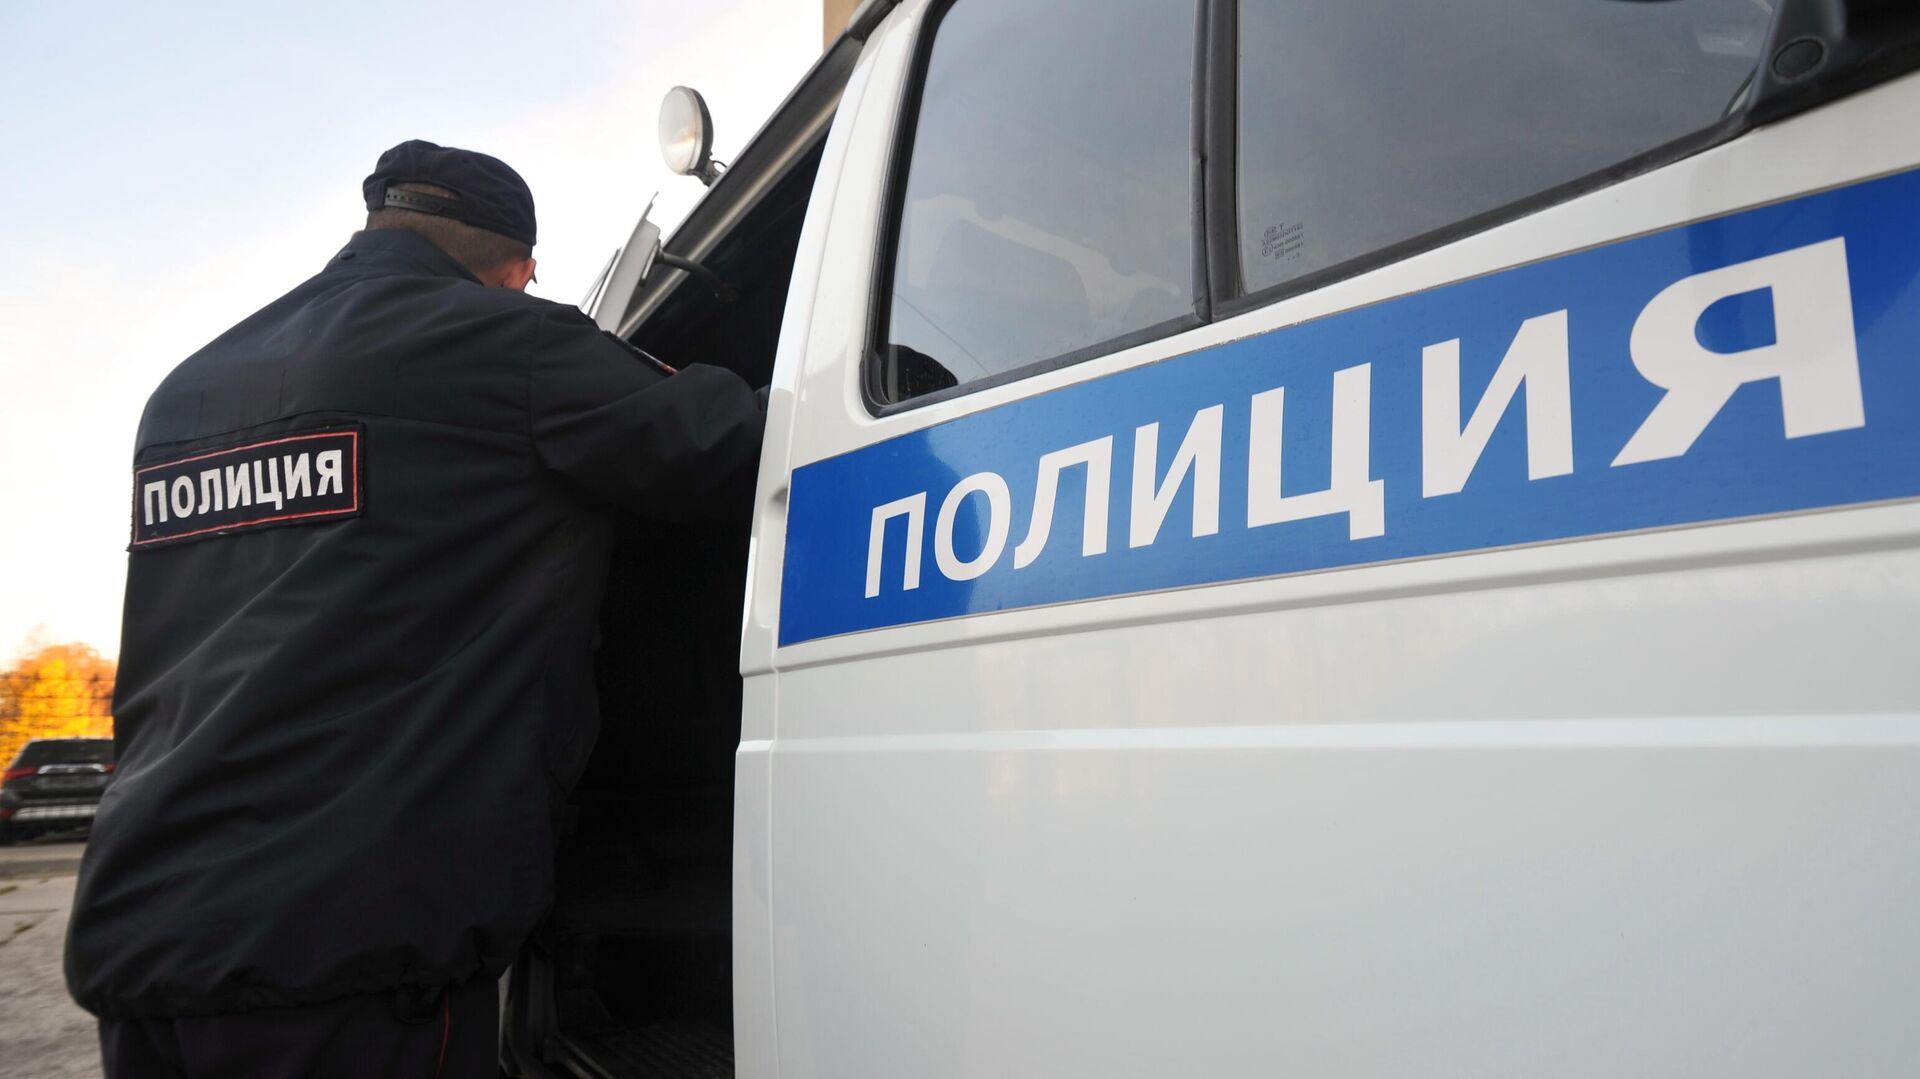 Сотрудник полиции - РИА Новости, 1920, 11.05.2020